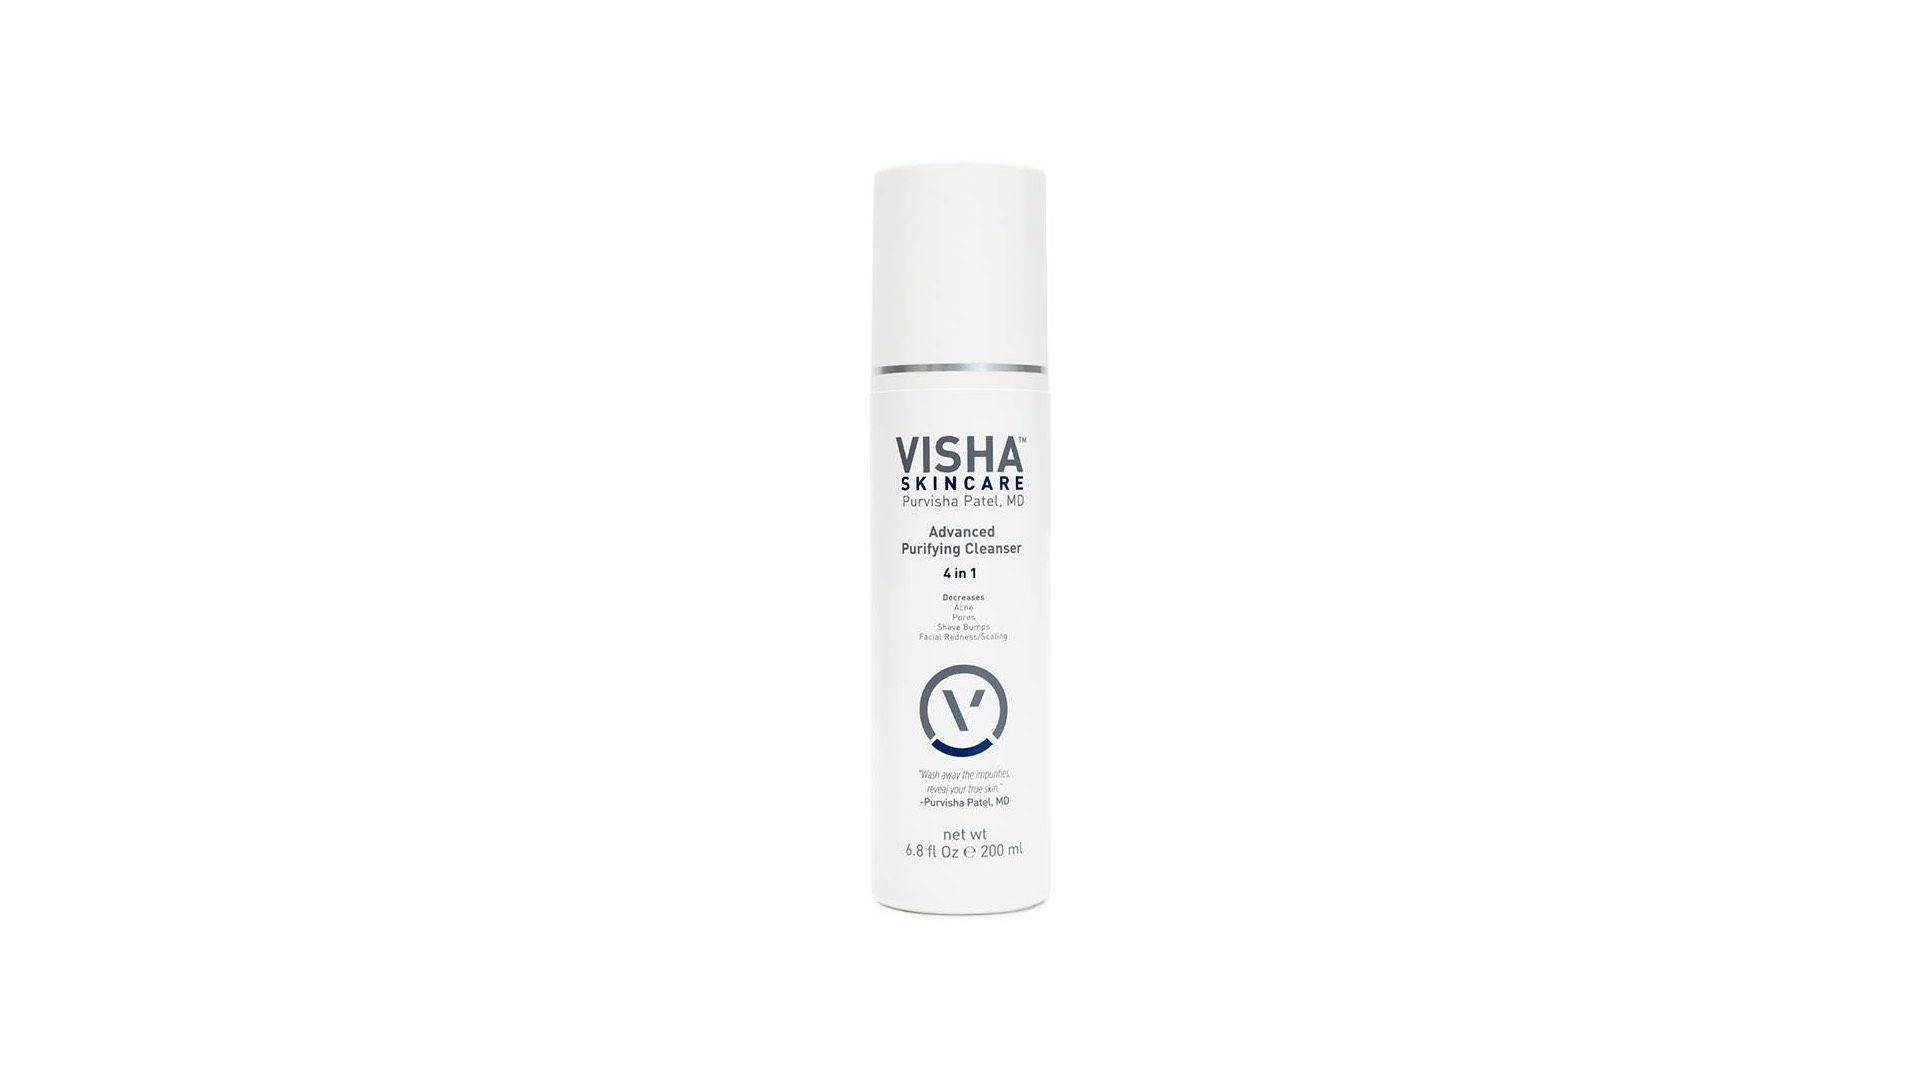 Visha Skincare cleanser